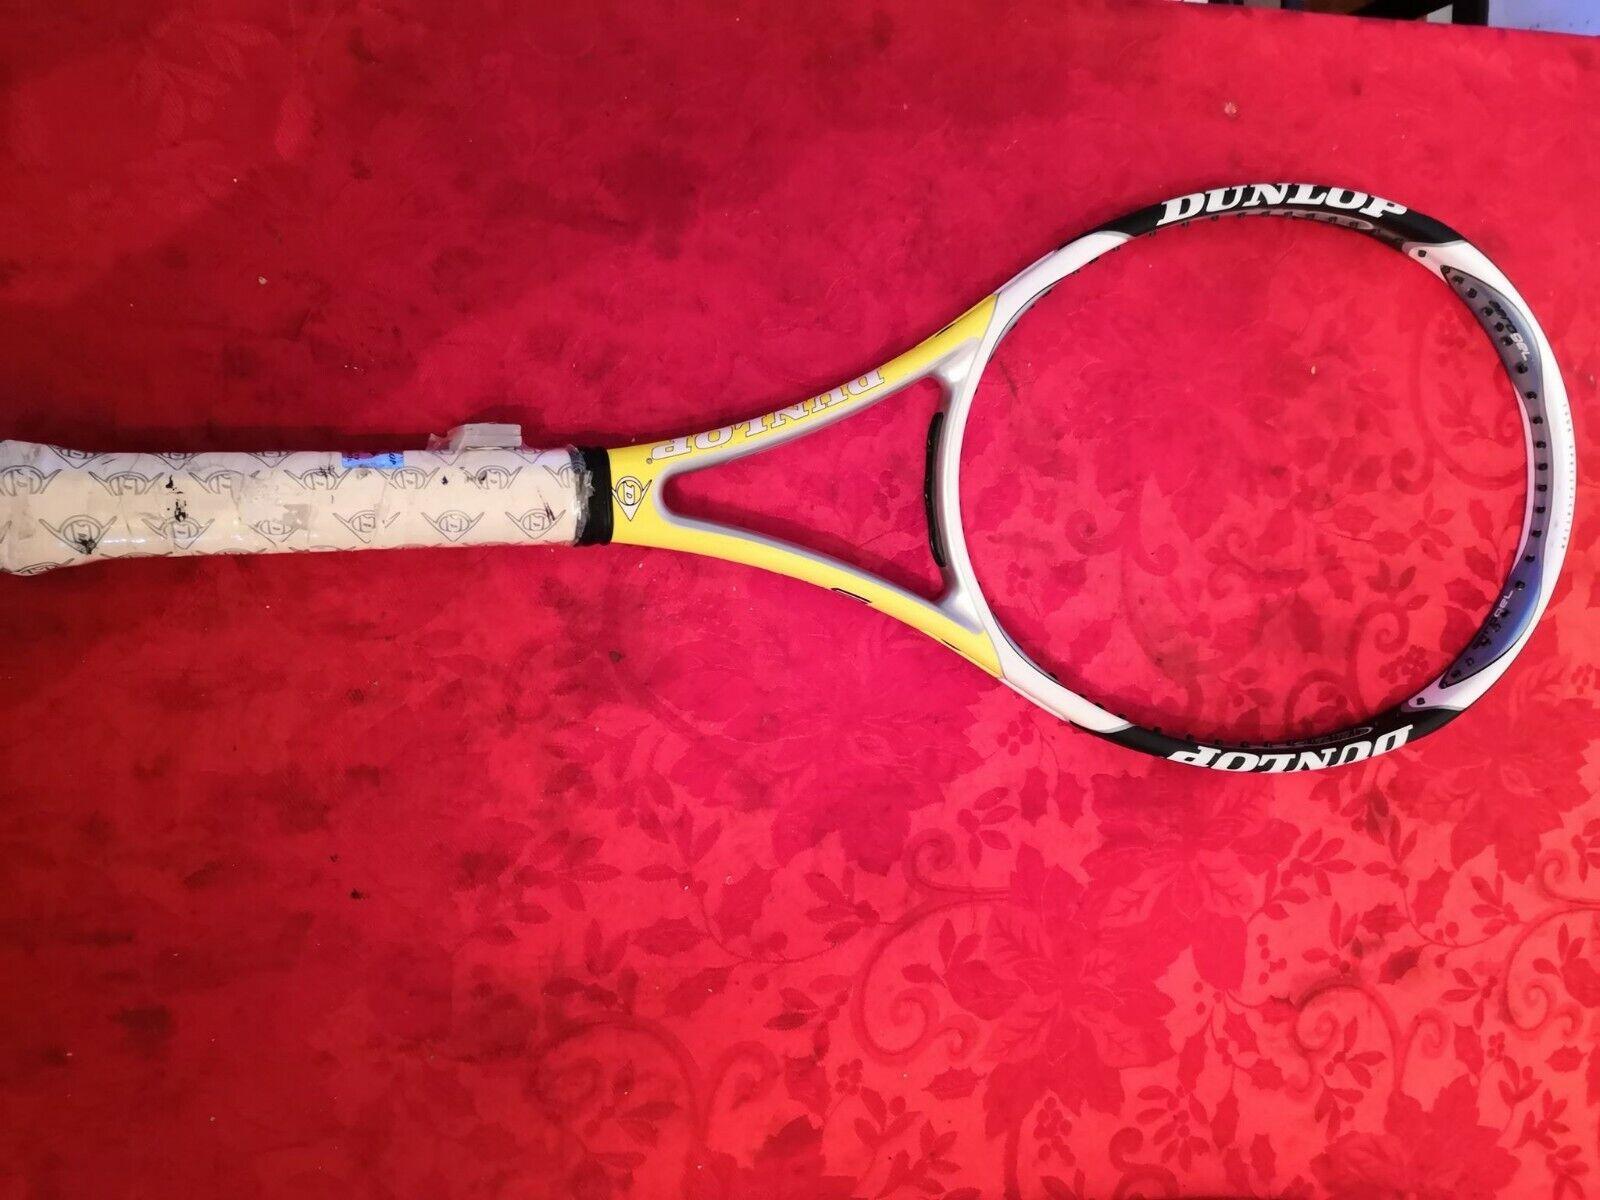 Nouveau Dunlop aérogel 500 100 Head 16x18 motif 4 1 4 grip raquette de tennis